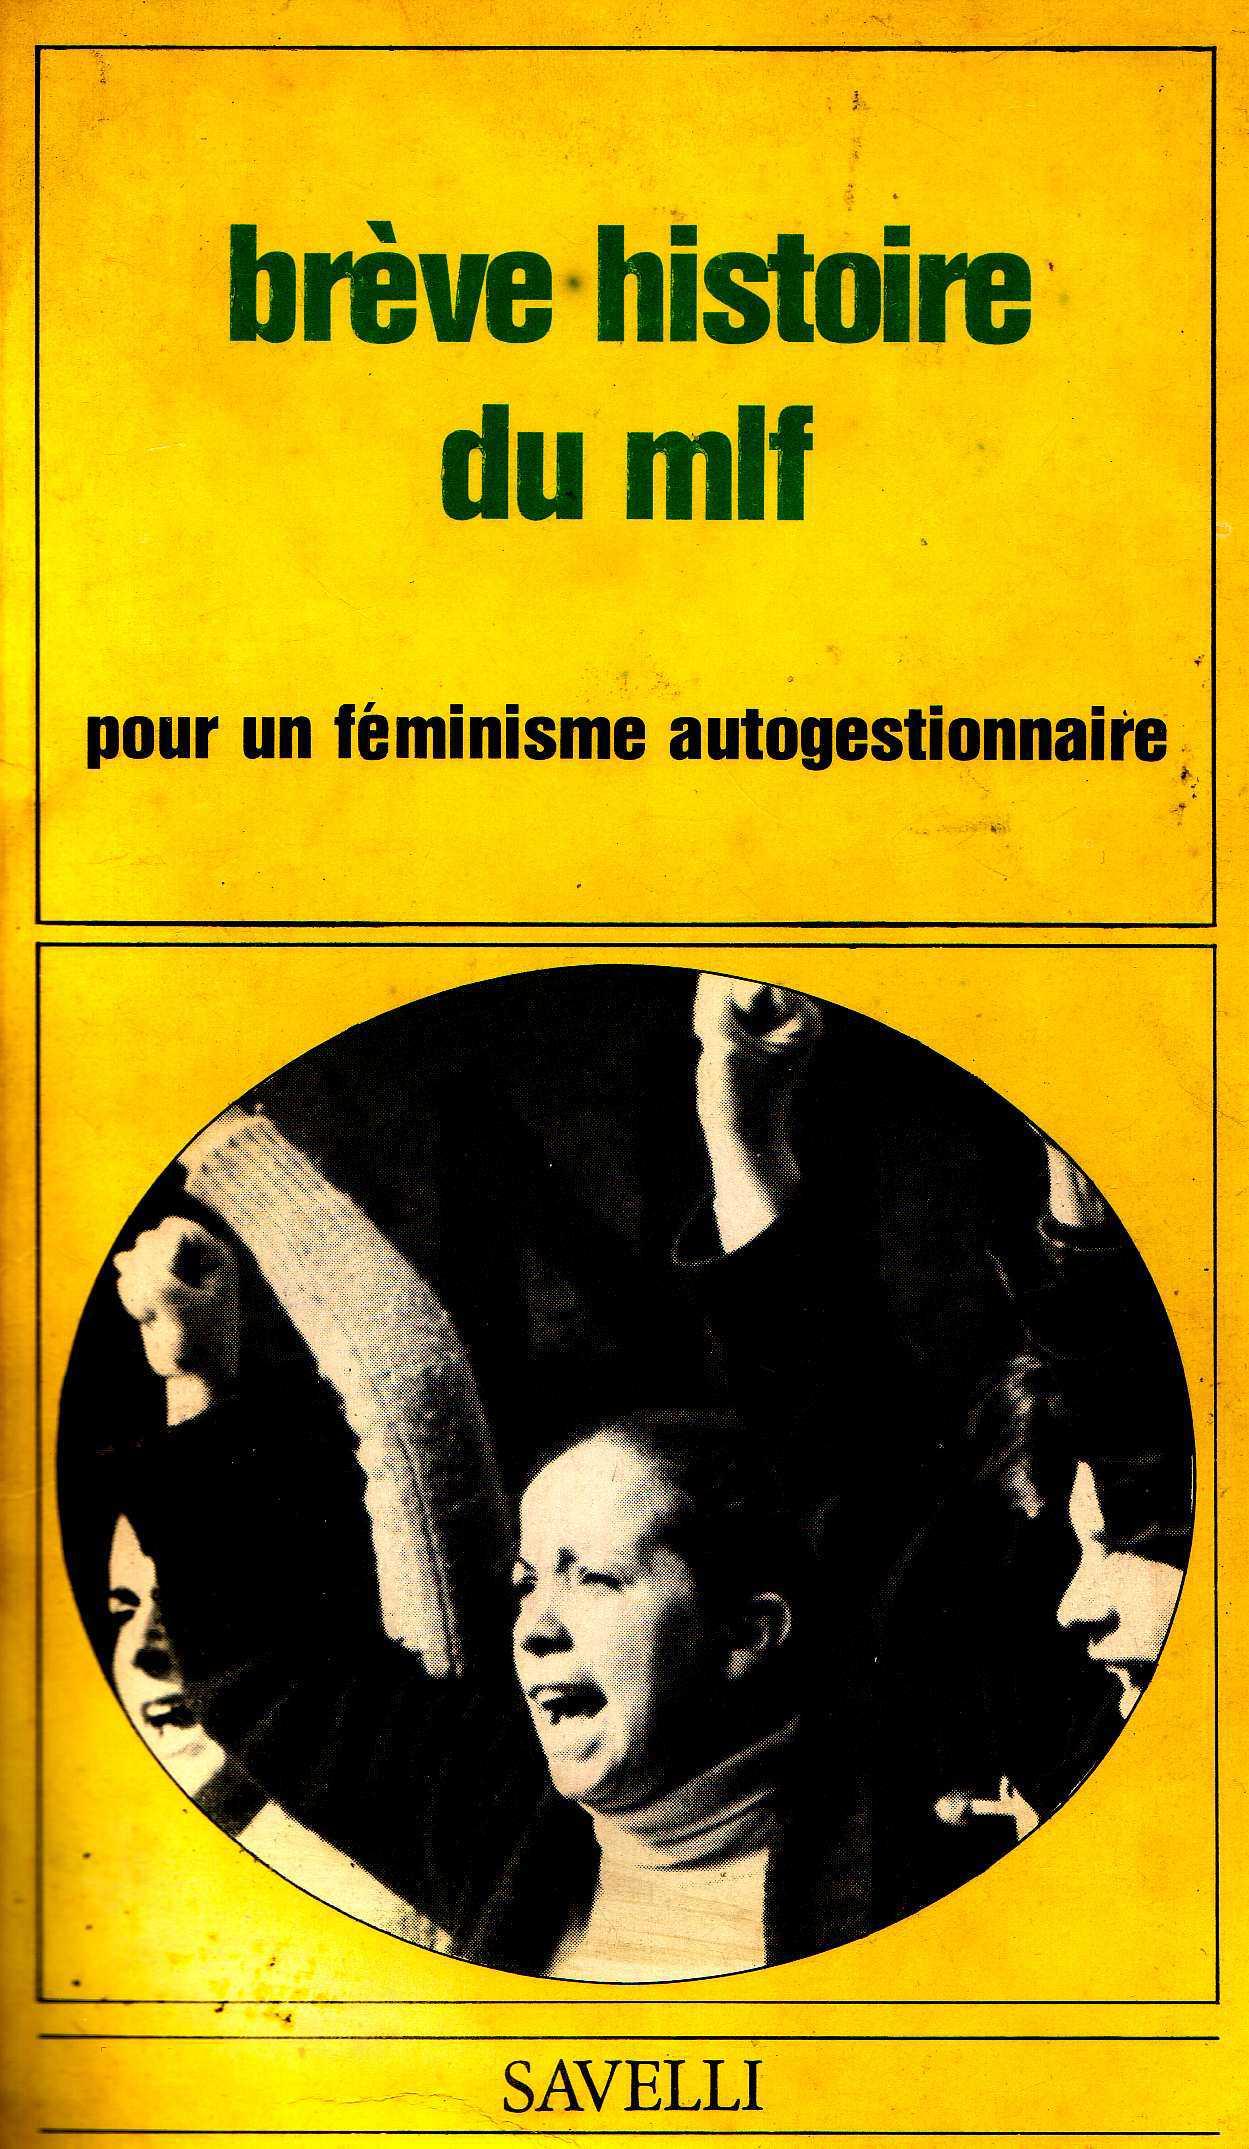 Pour un féminisme autogestionnaire (1976)